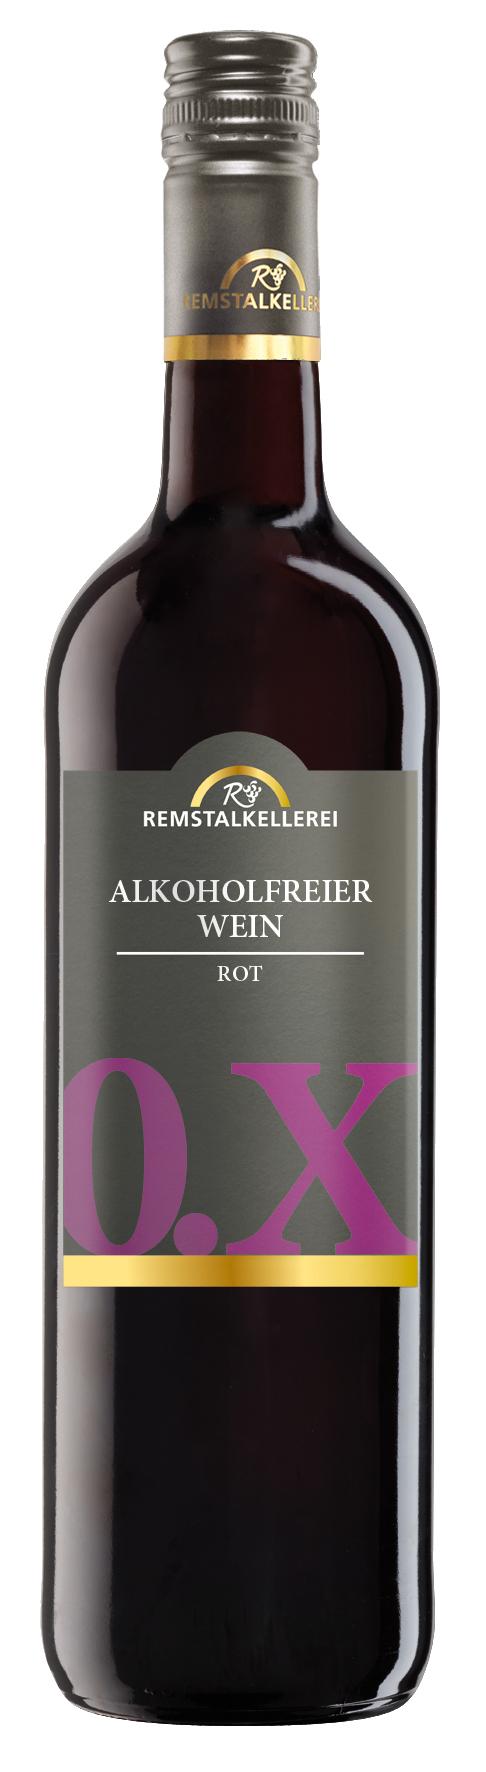 Alkoholfreier Wein: Der alkoholfreie Rotwein 0.X rot